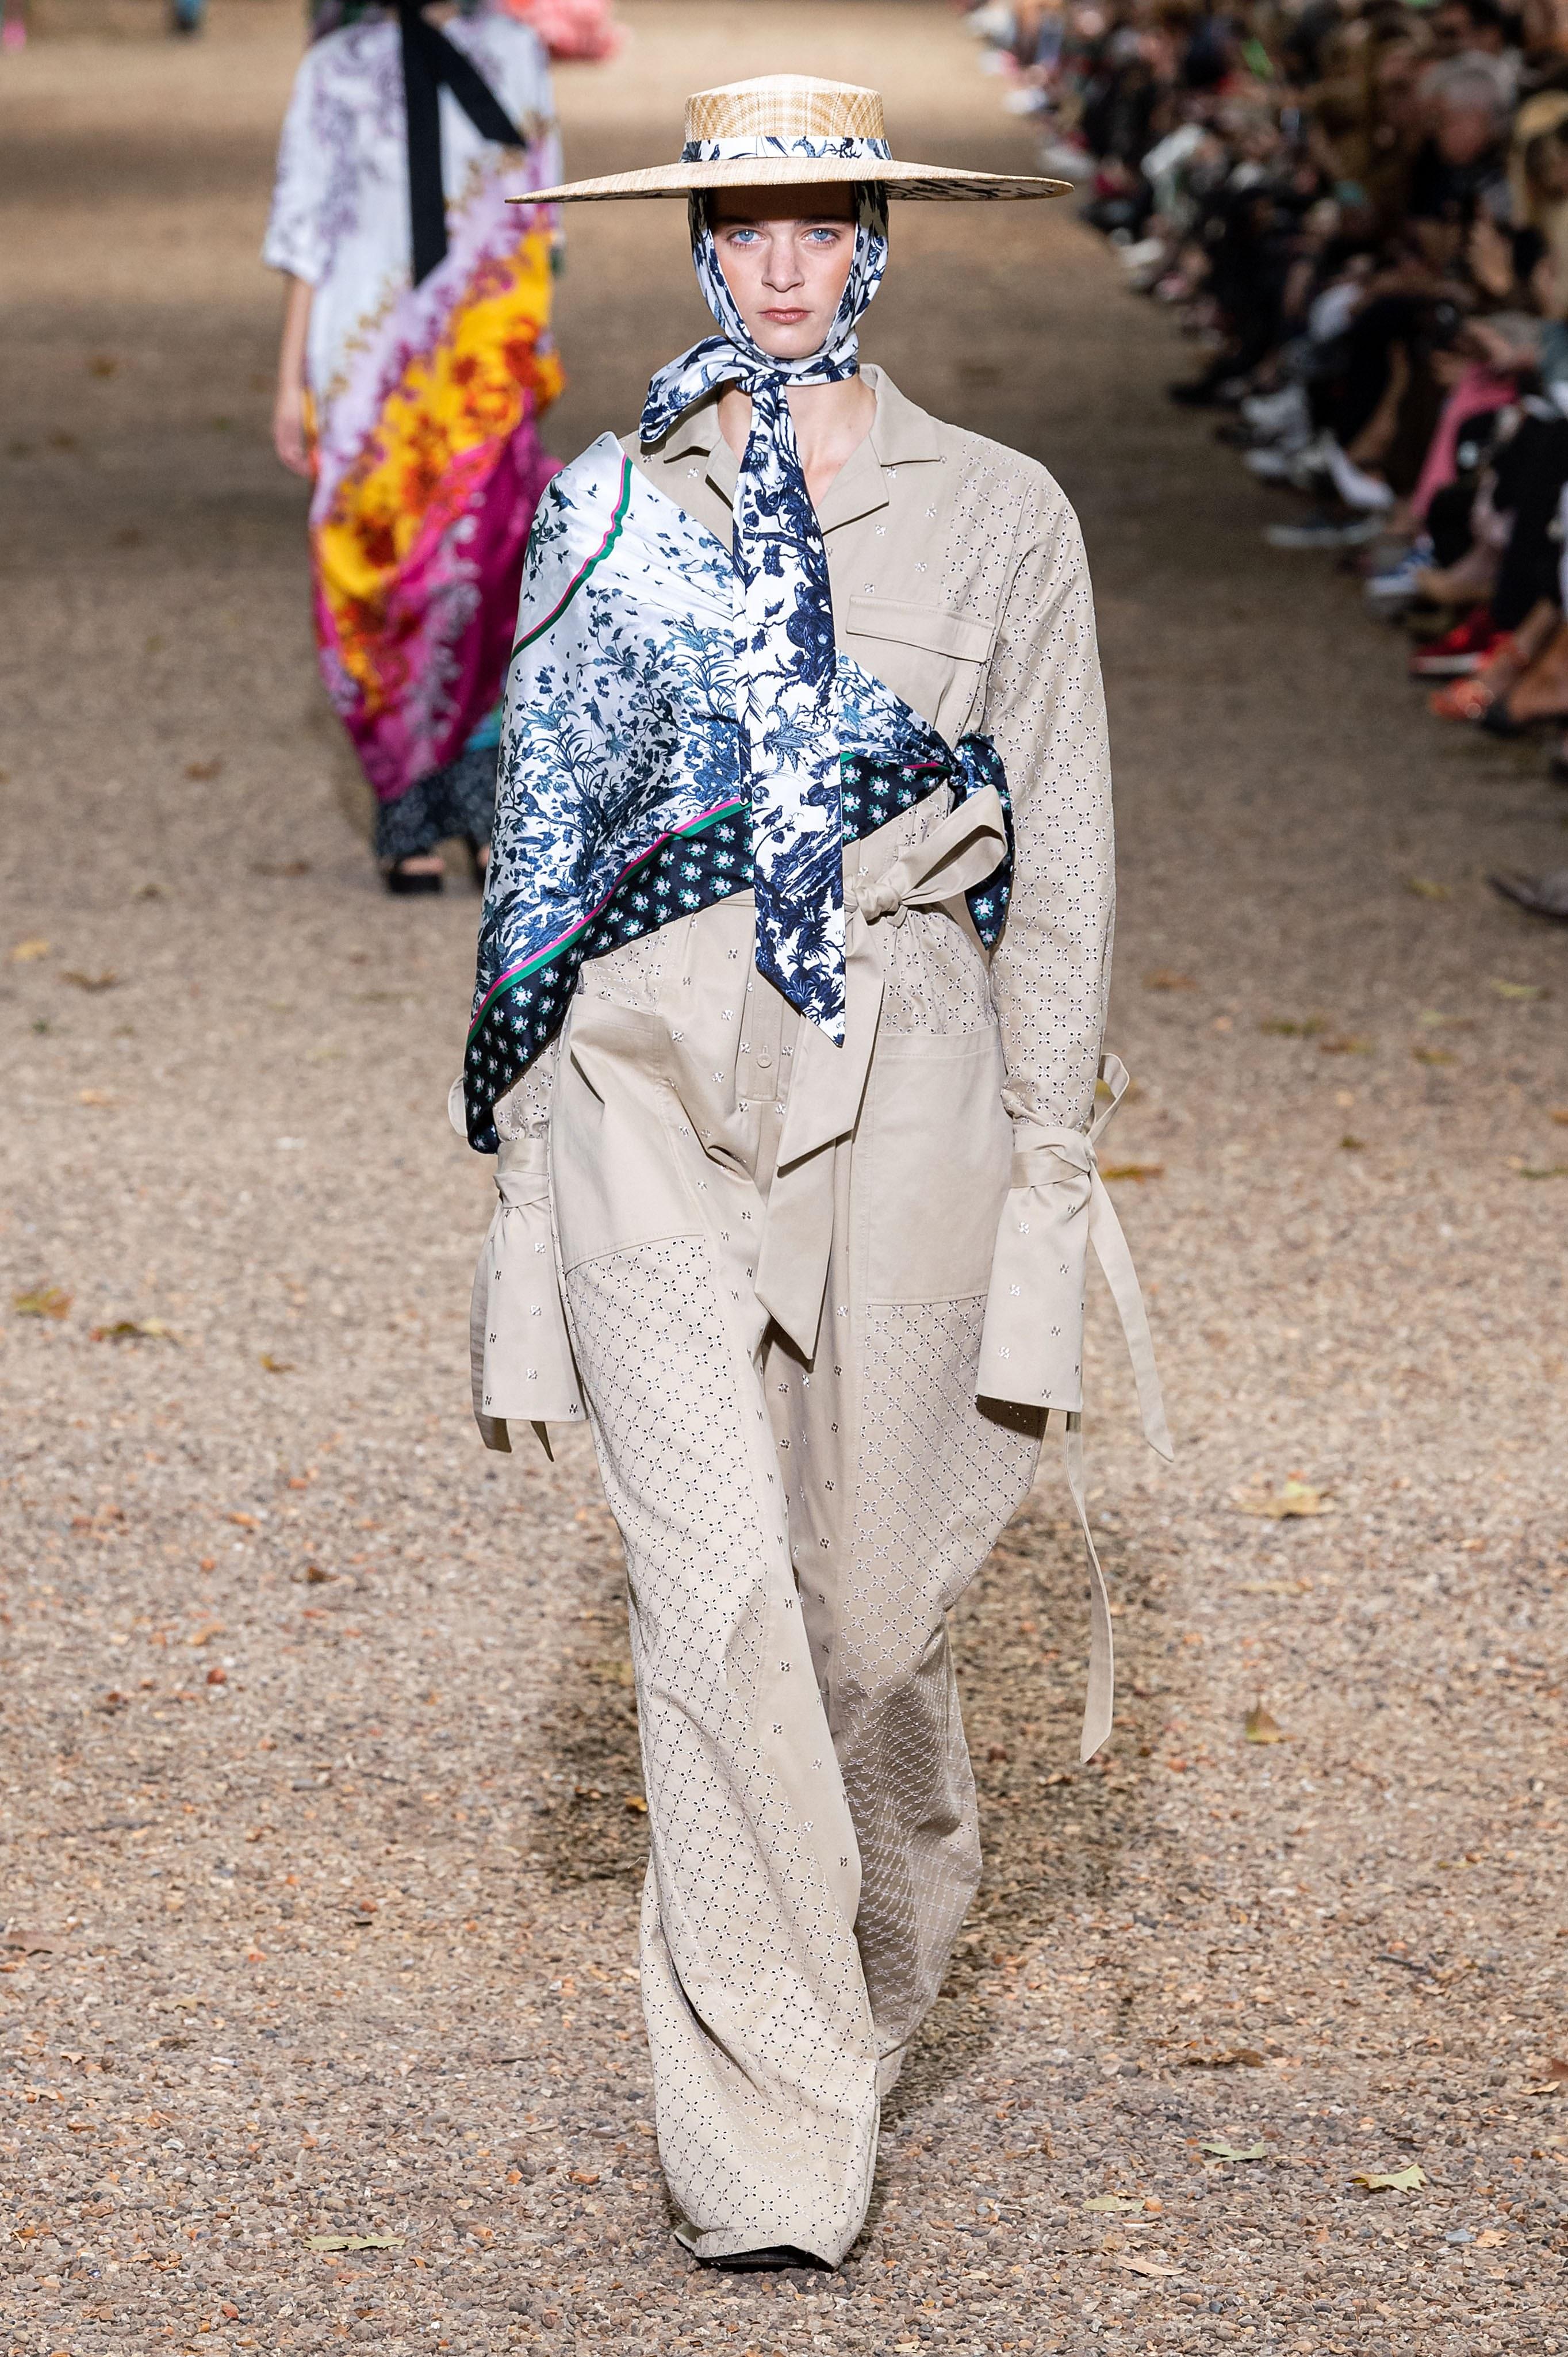 chi tiết khăn lụa kết hợp suit bộ sưu tập erdem xuân hè 2020